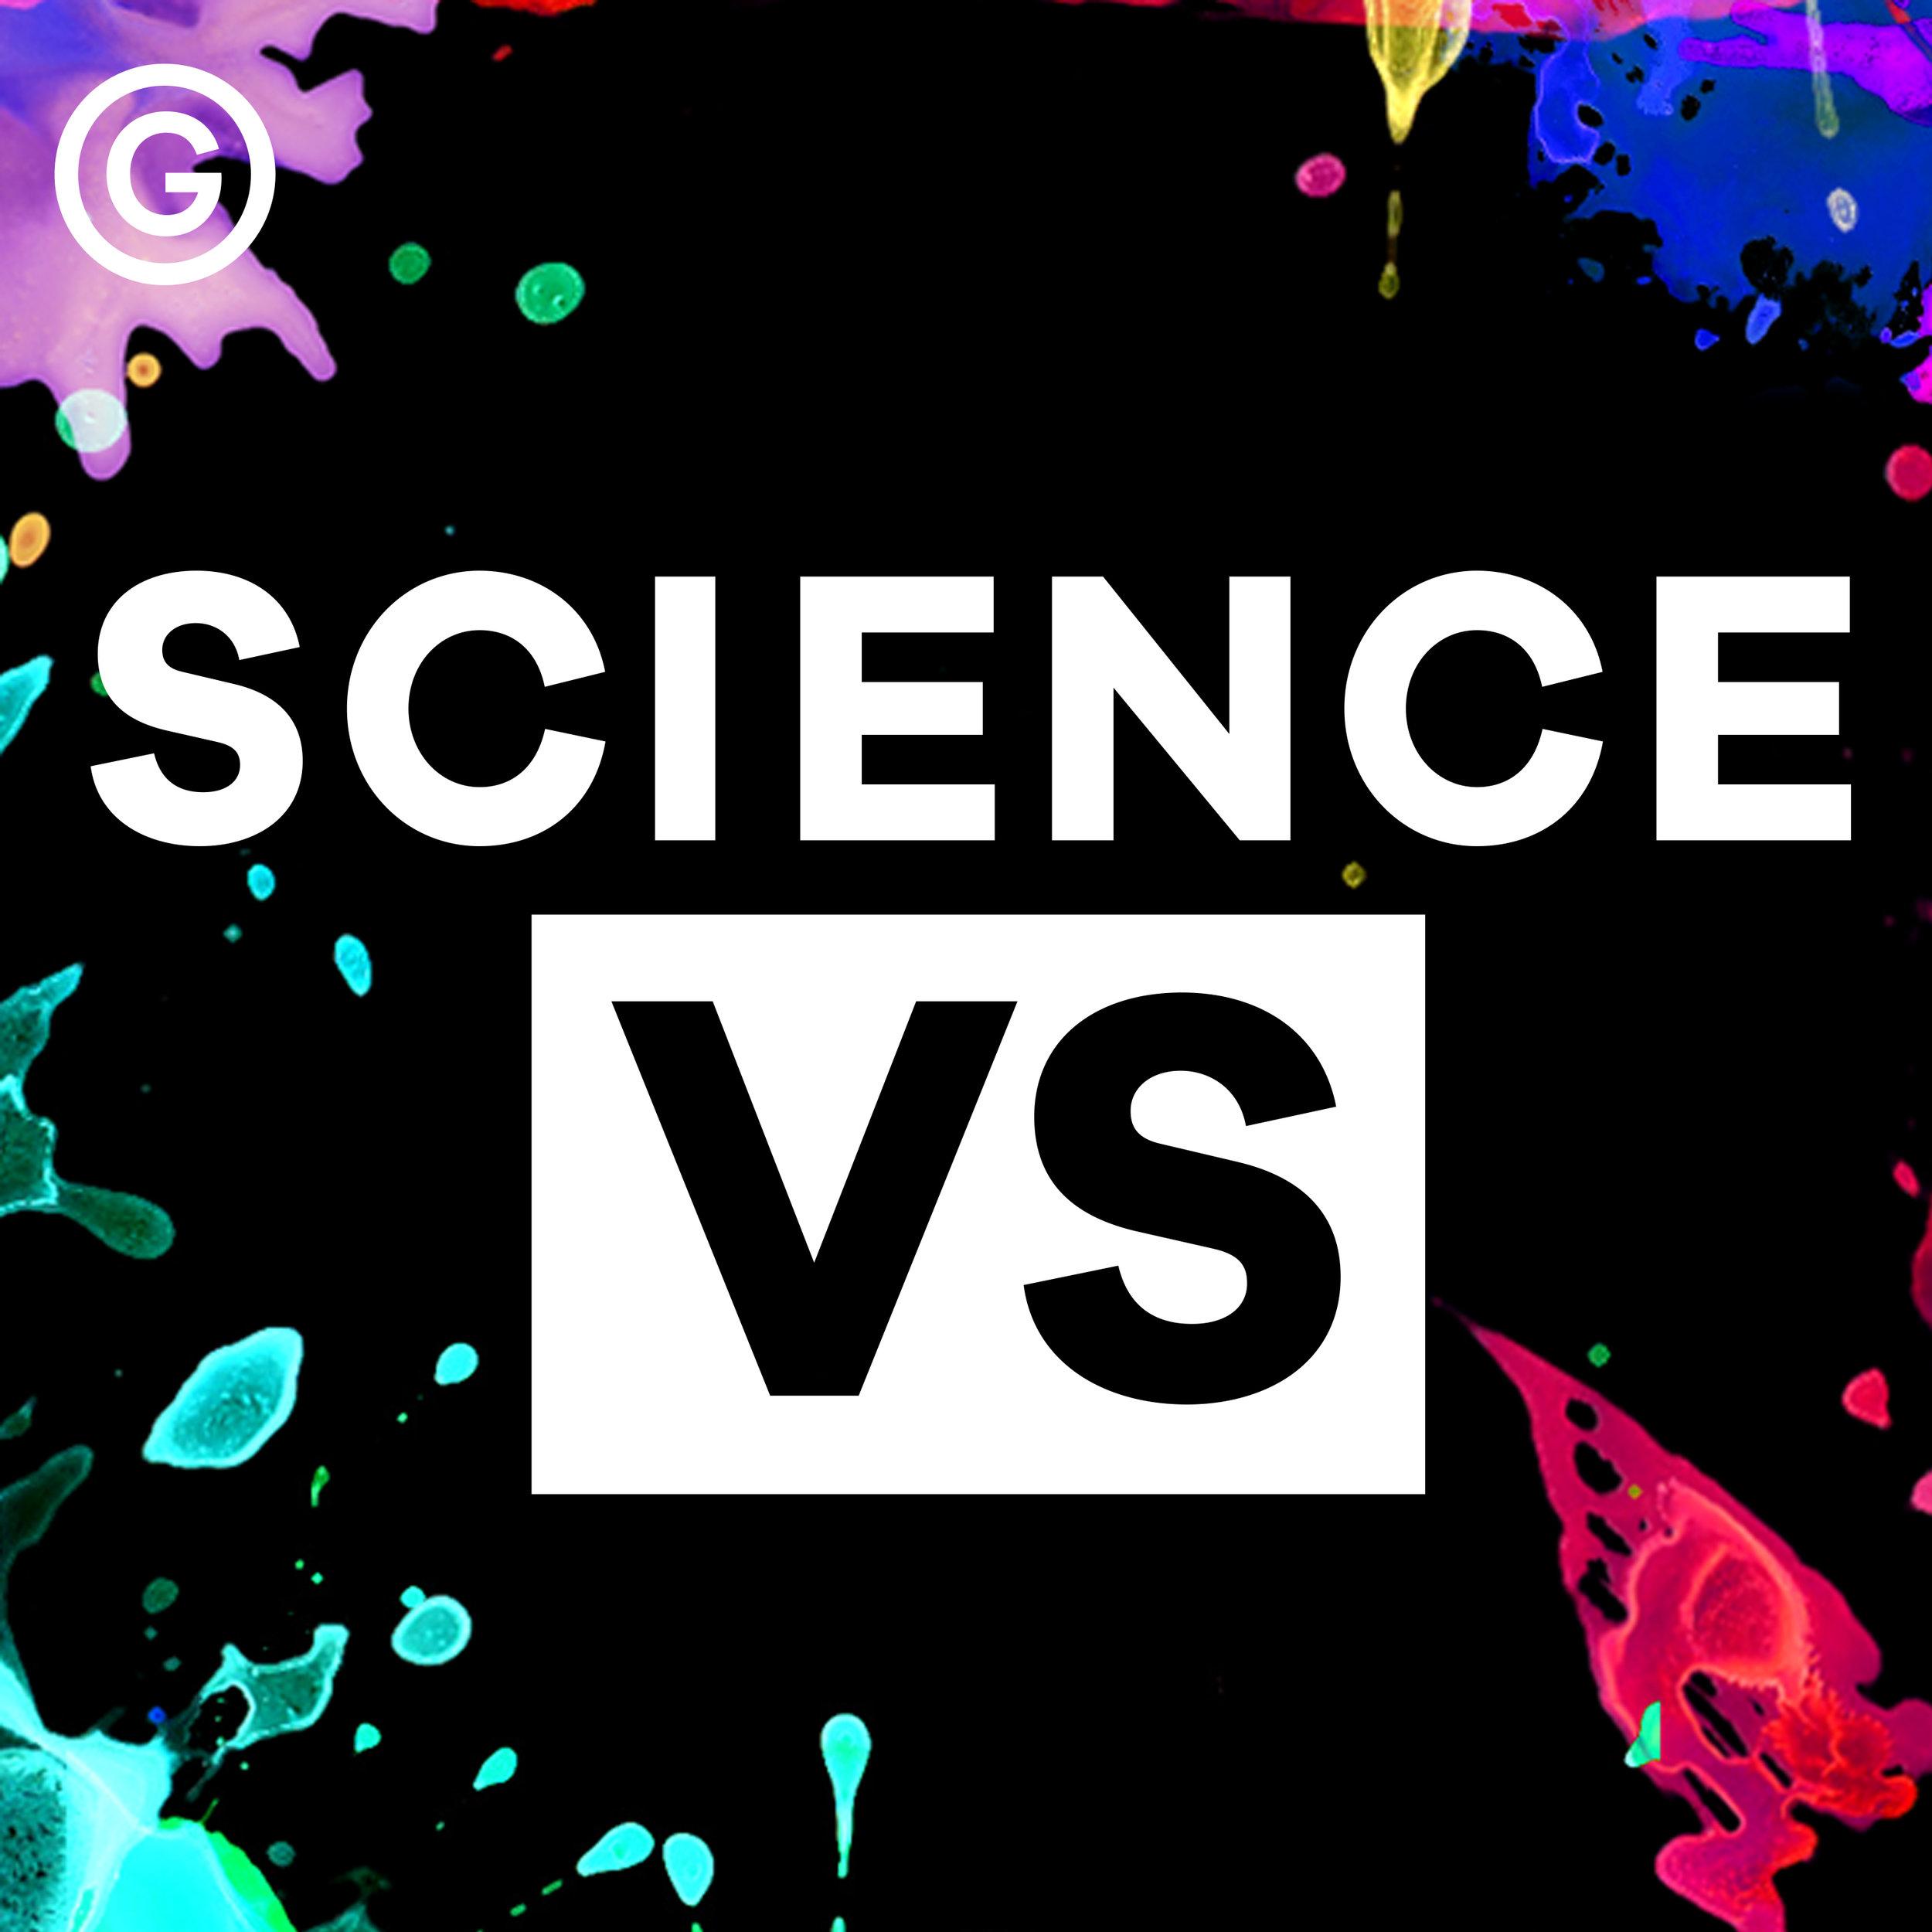 Science-Vs-2016-tile.jpg